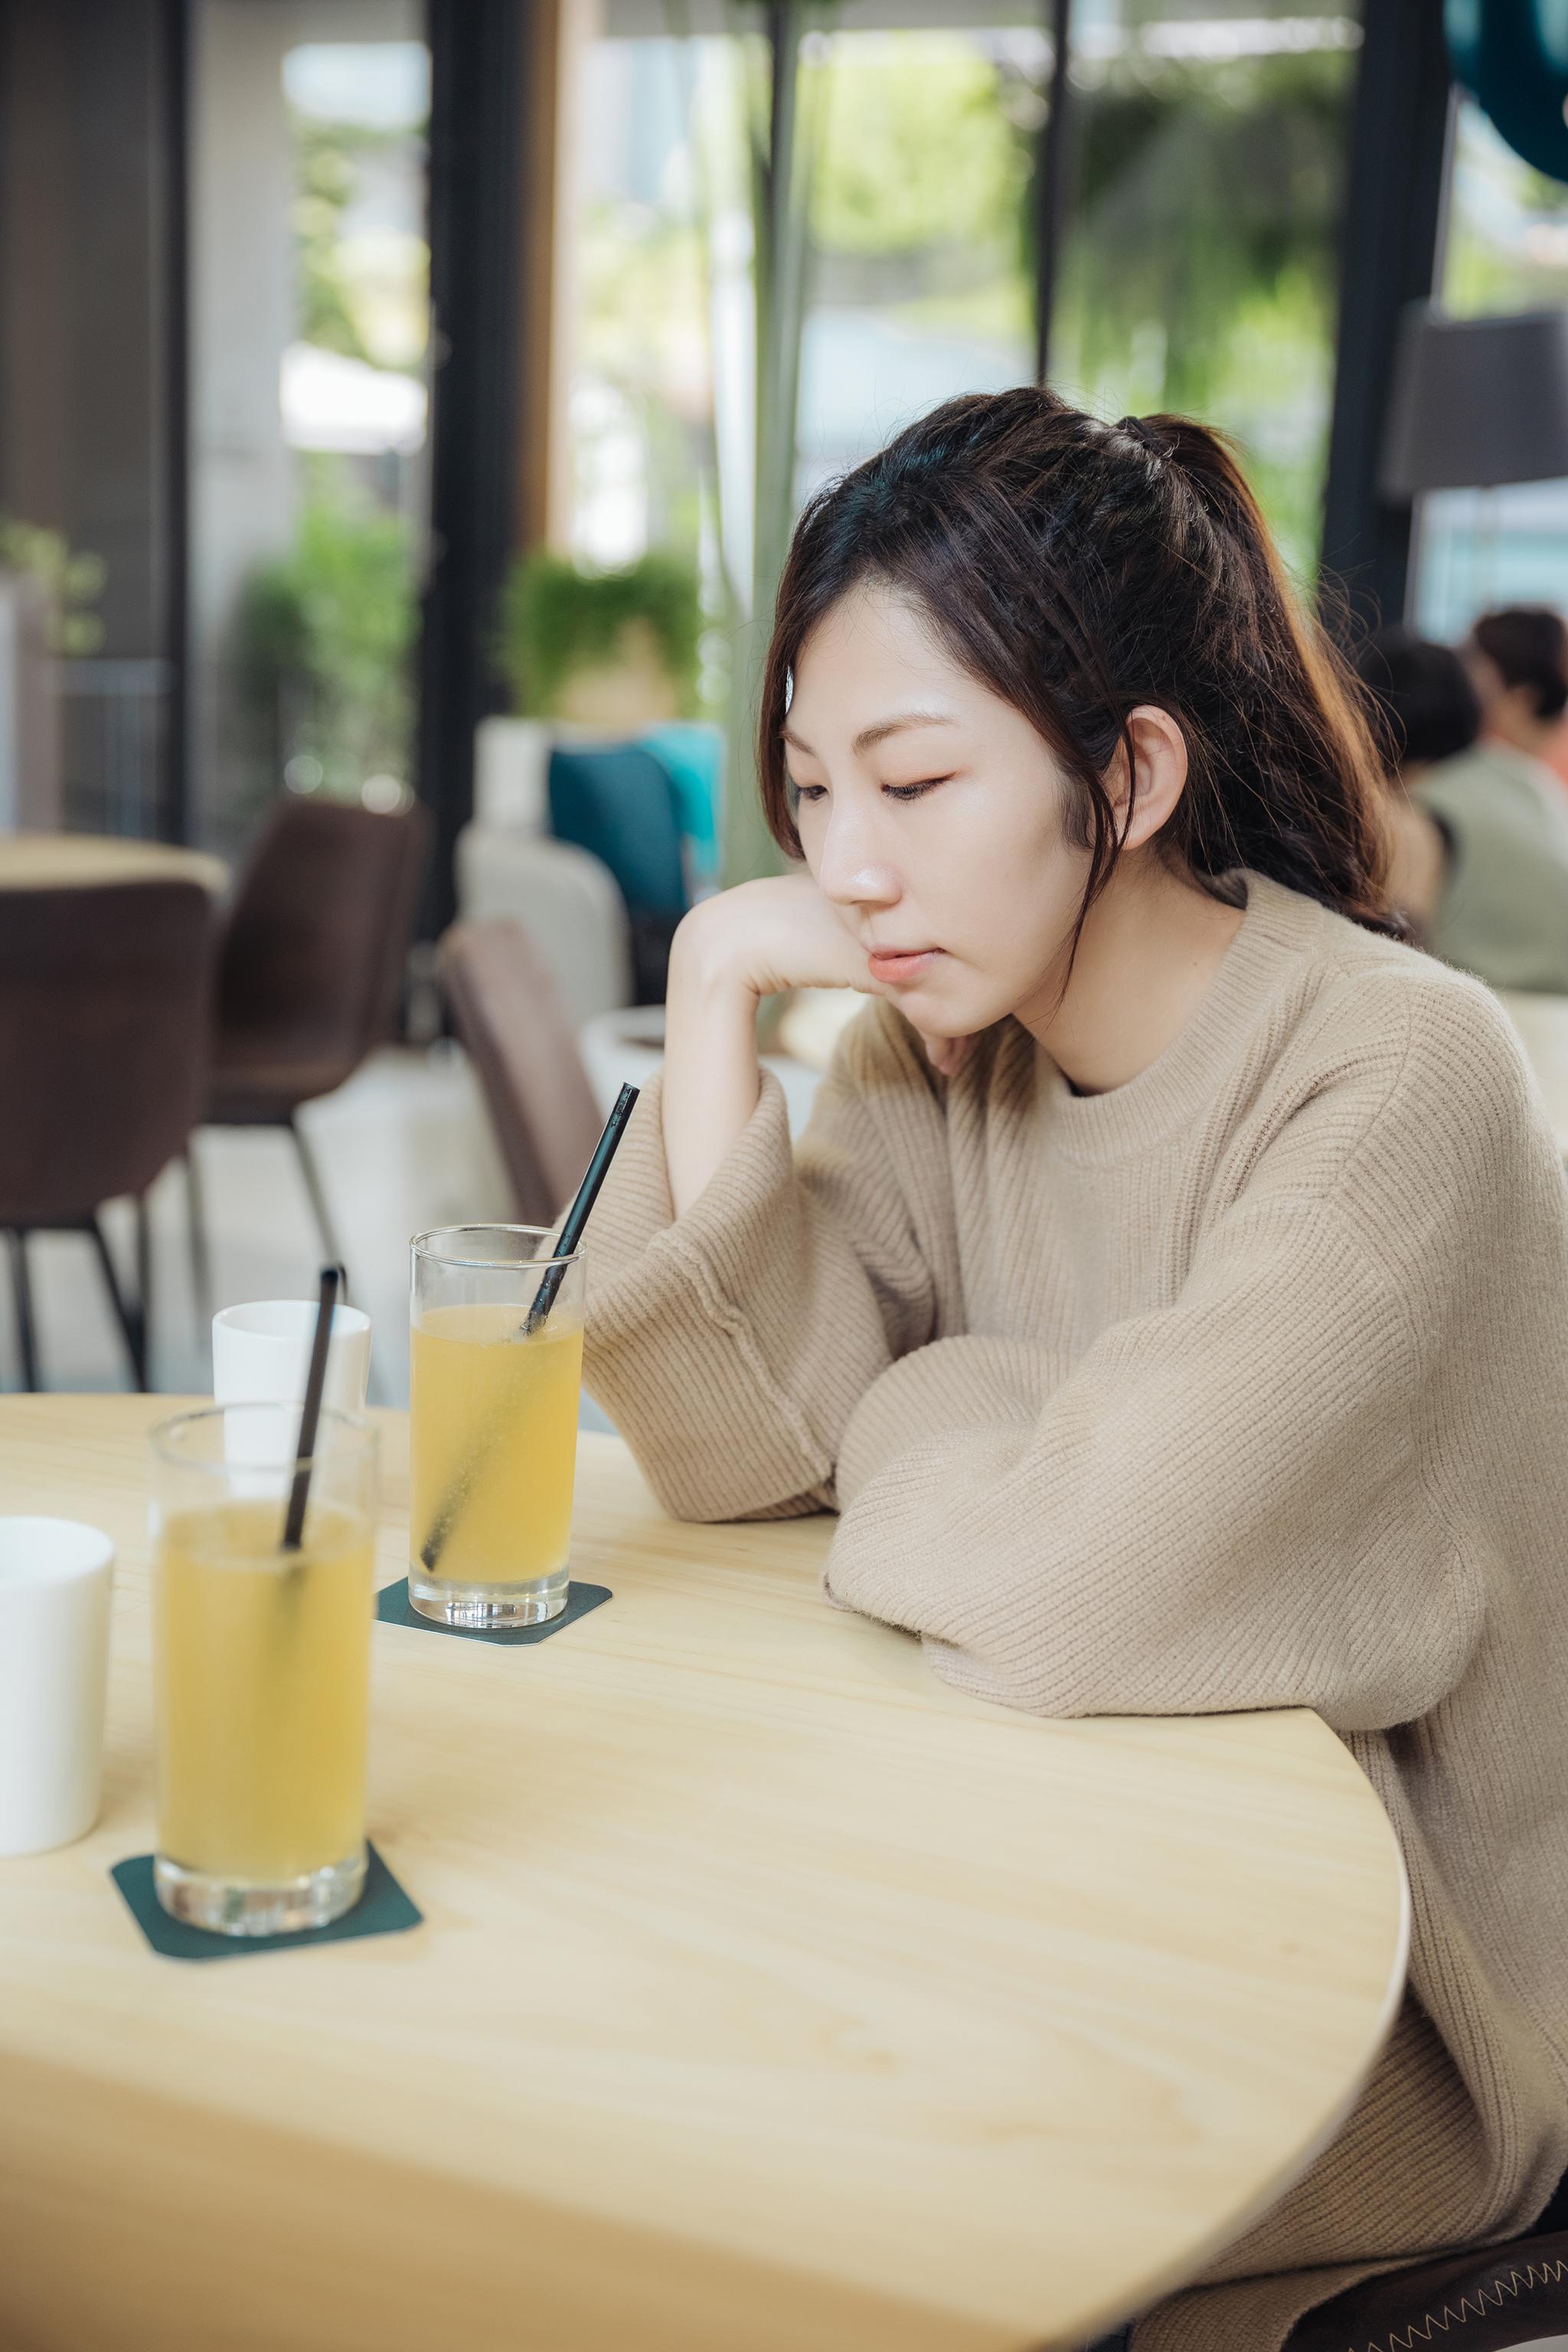 50635731787 b9013c484d o - 【秋季寫真】+Shan+